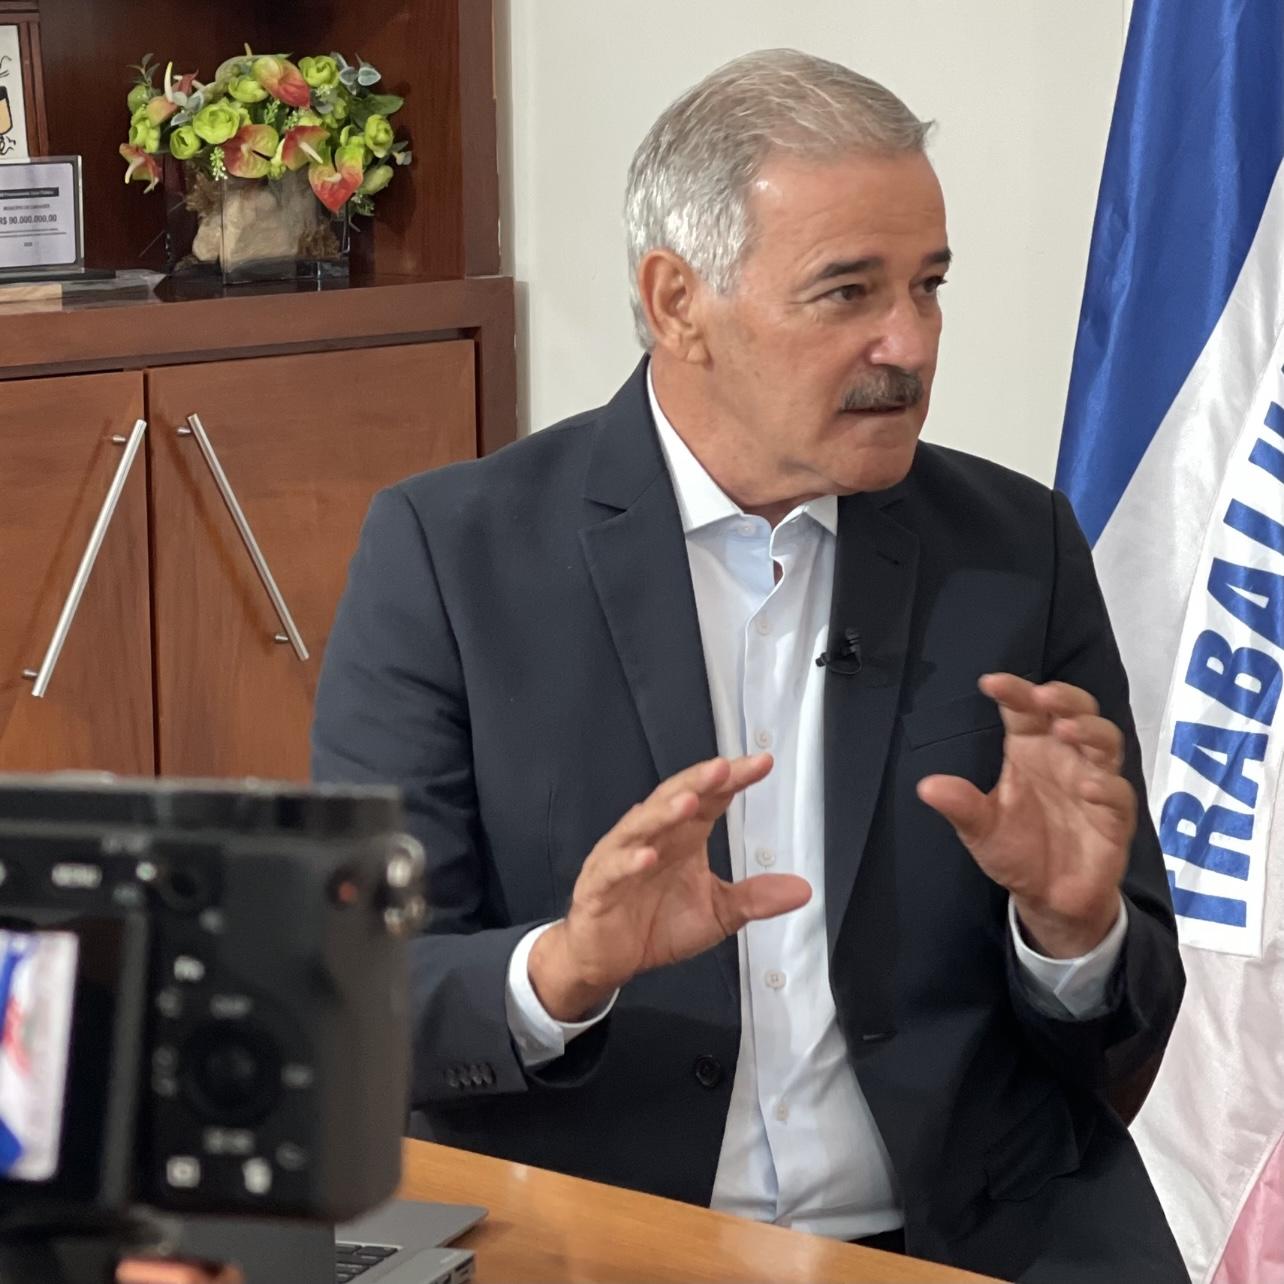 Após novo hospital de ponta, Linhares quer atrair mais investimentos na área médica